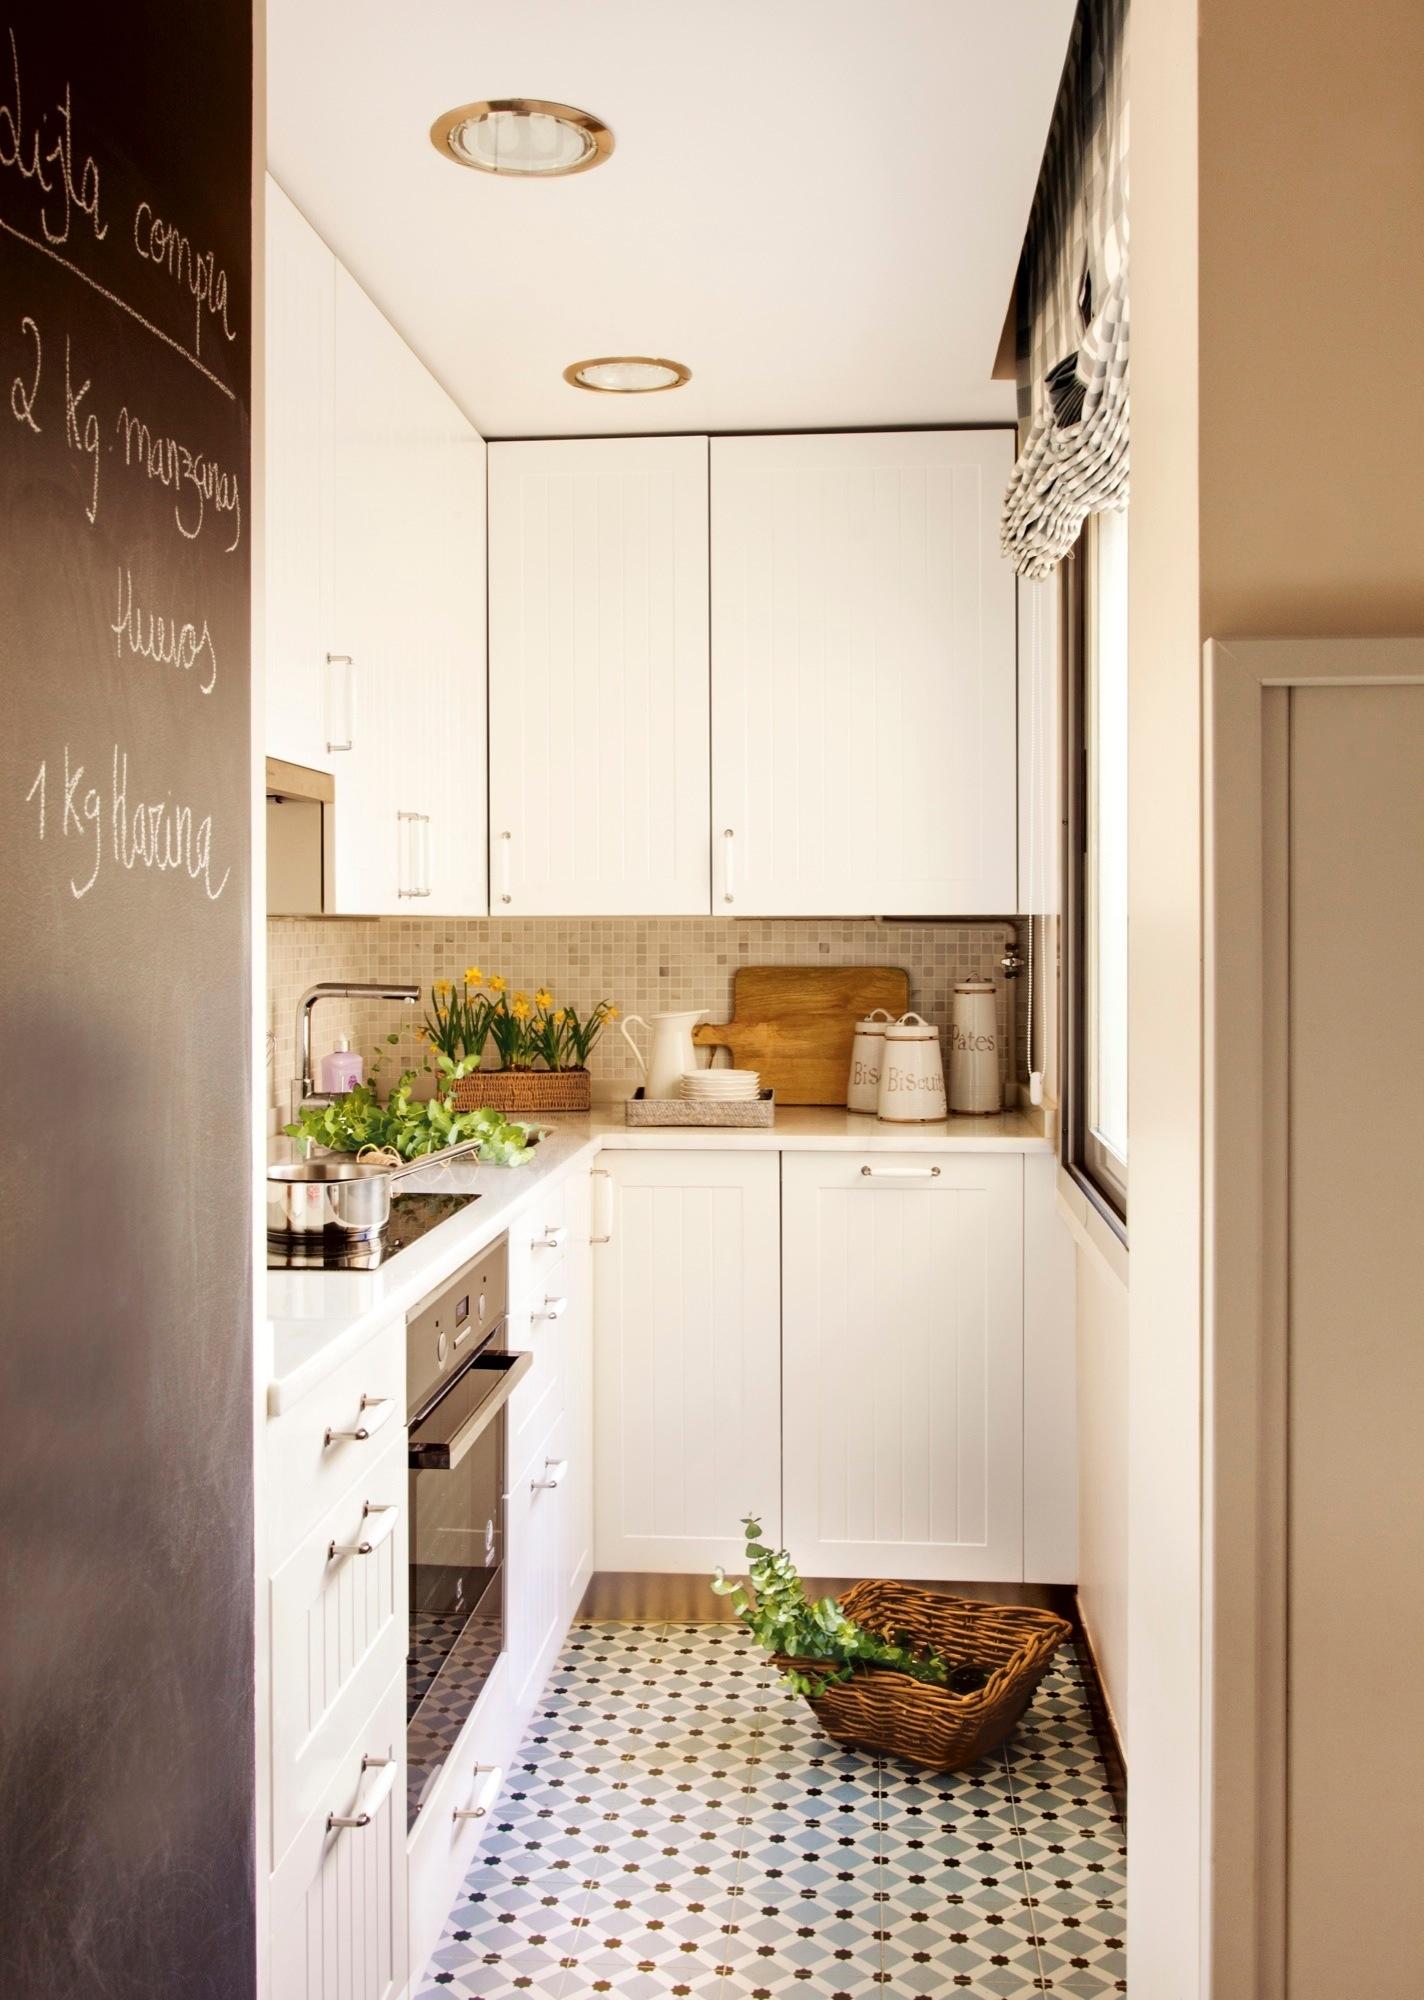 cocina mini con mobiliario en blanco - Cocinas Rectangulares